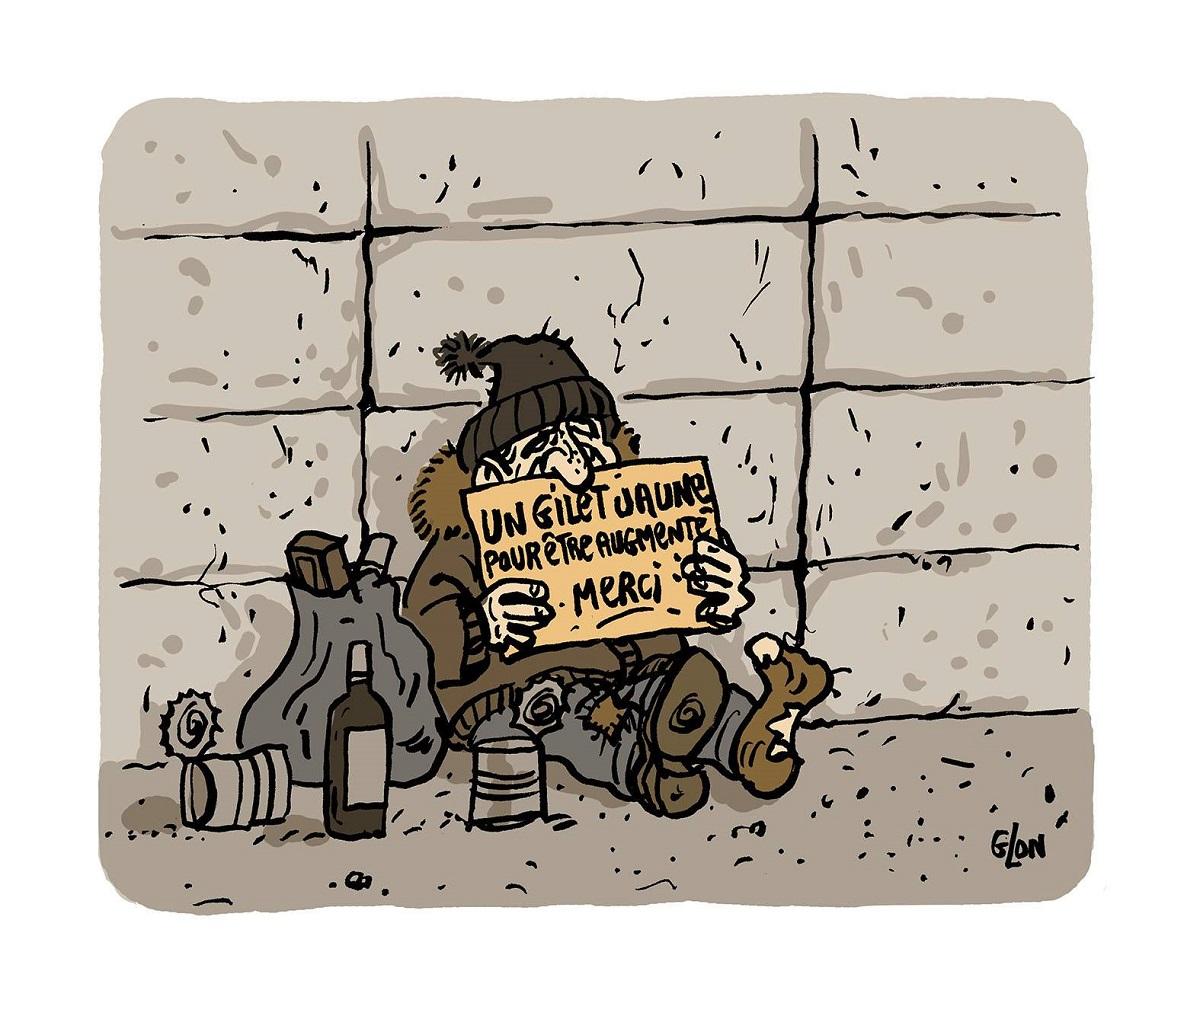 dessin d'actualité humoristique sur le mouvement de gilets jaunes et l'augmentation du SMIC